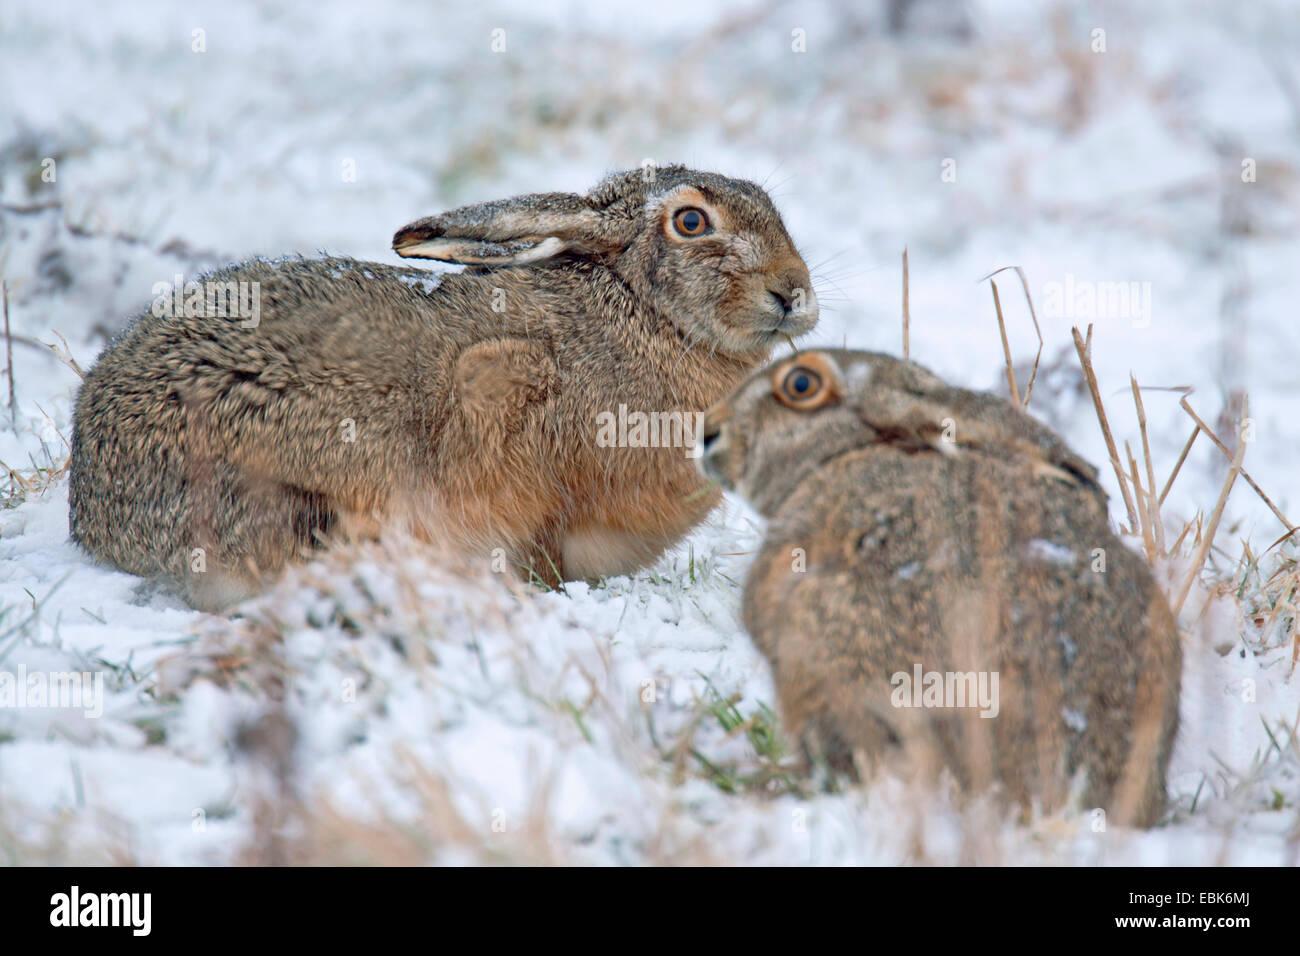 Liebre europea, marrón de la liebre (Lepus europaeus), dos liebres en una pradera nevados, Alemania, Schleswig-Holstein Foto de stock